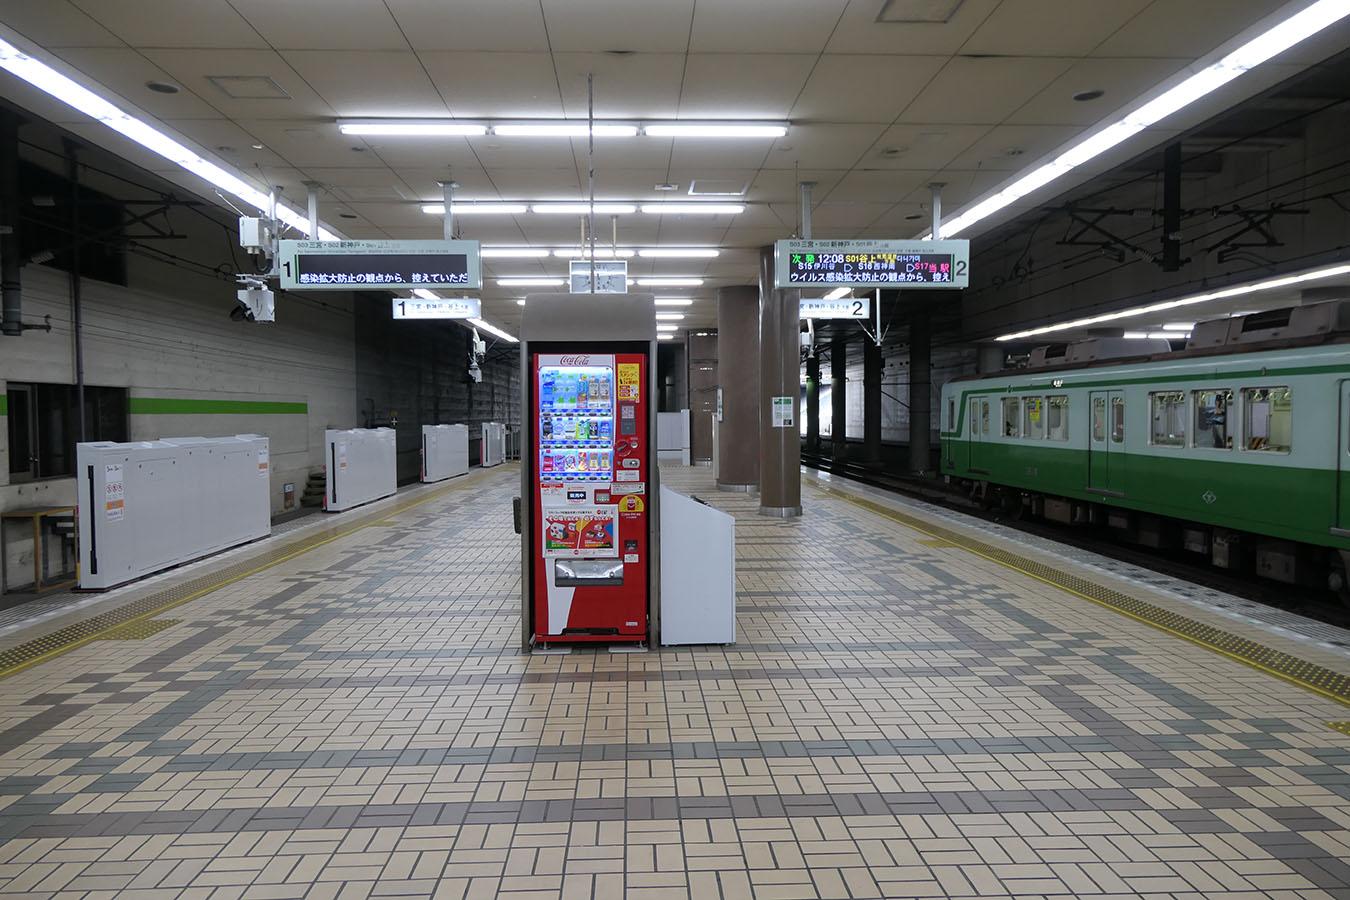 S17_photo03.jpg